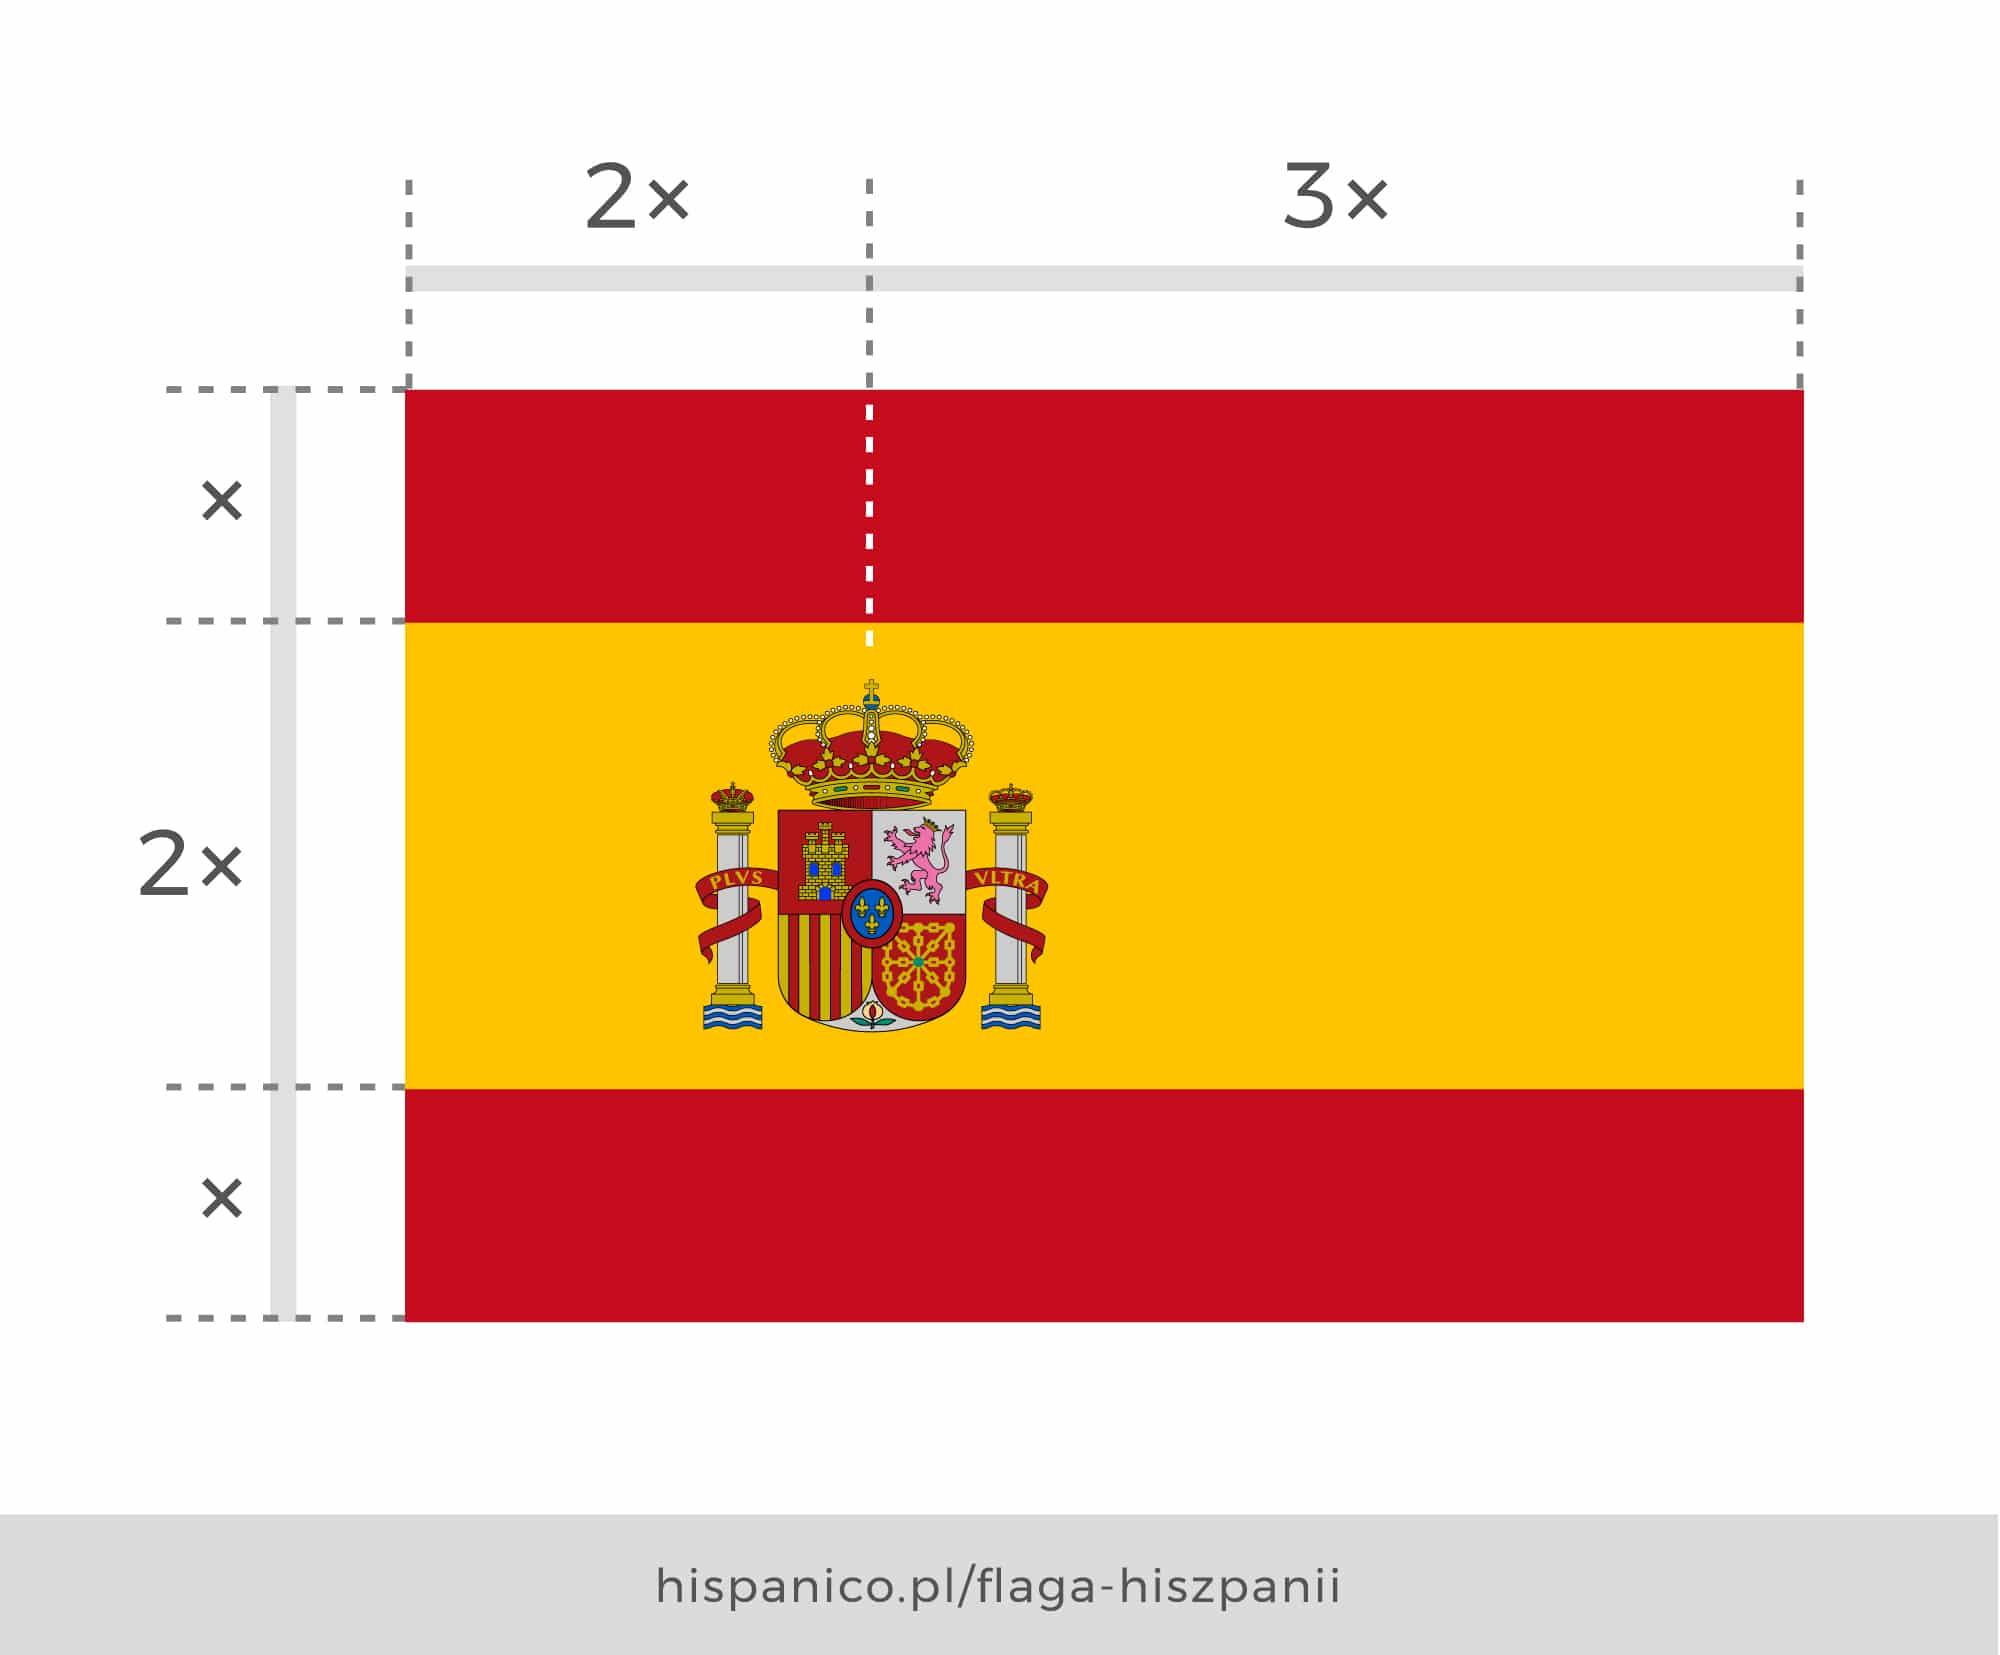 Hiszpania - Flaga, proporcje